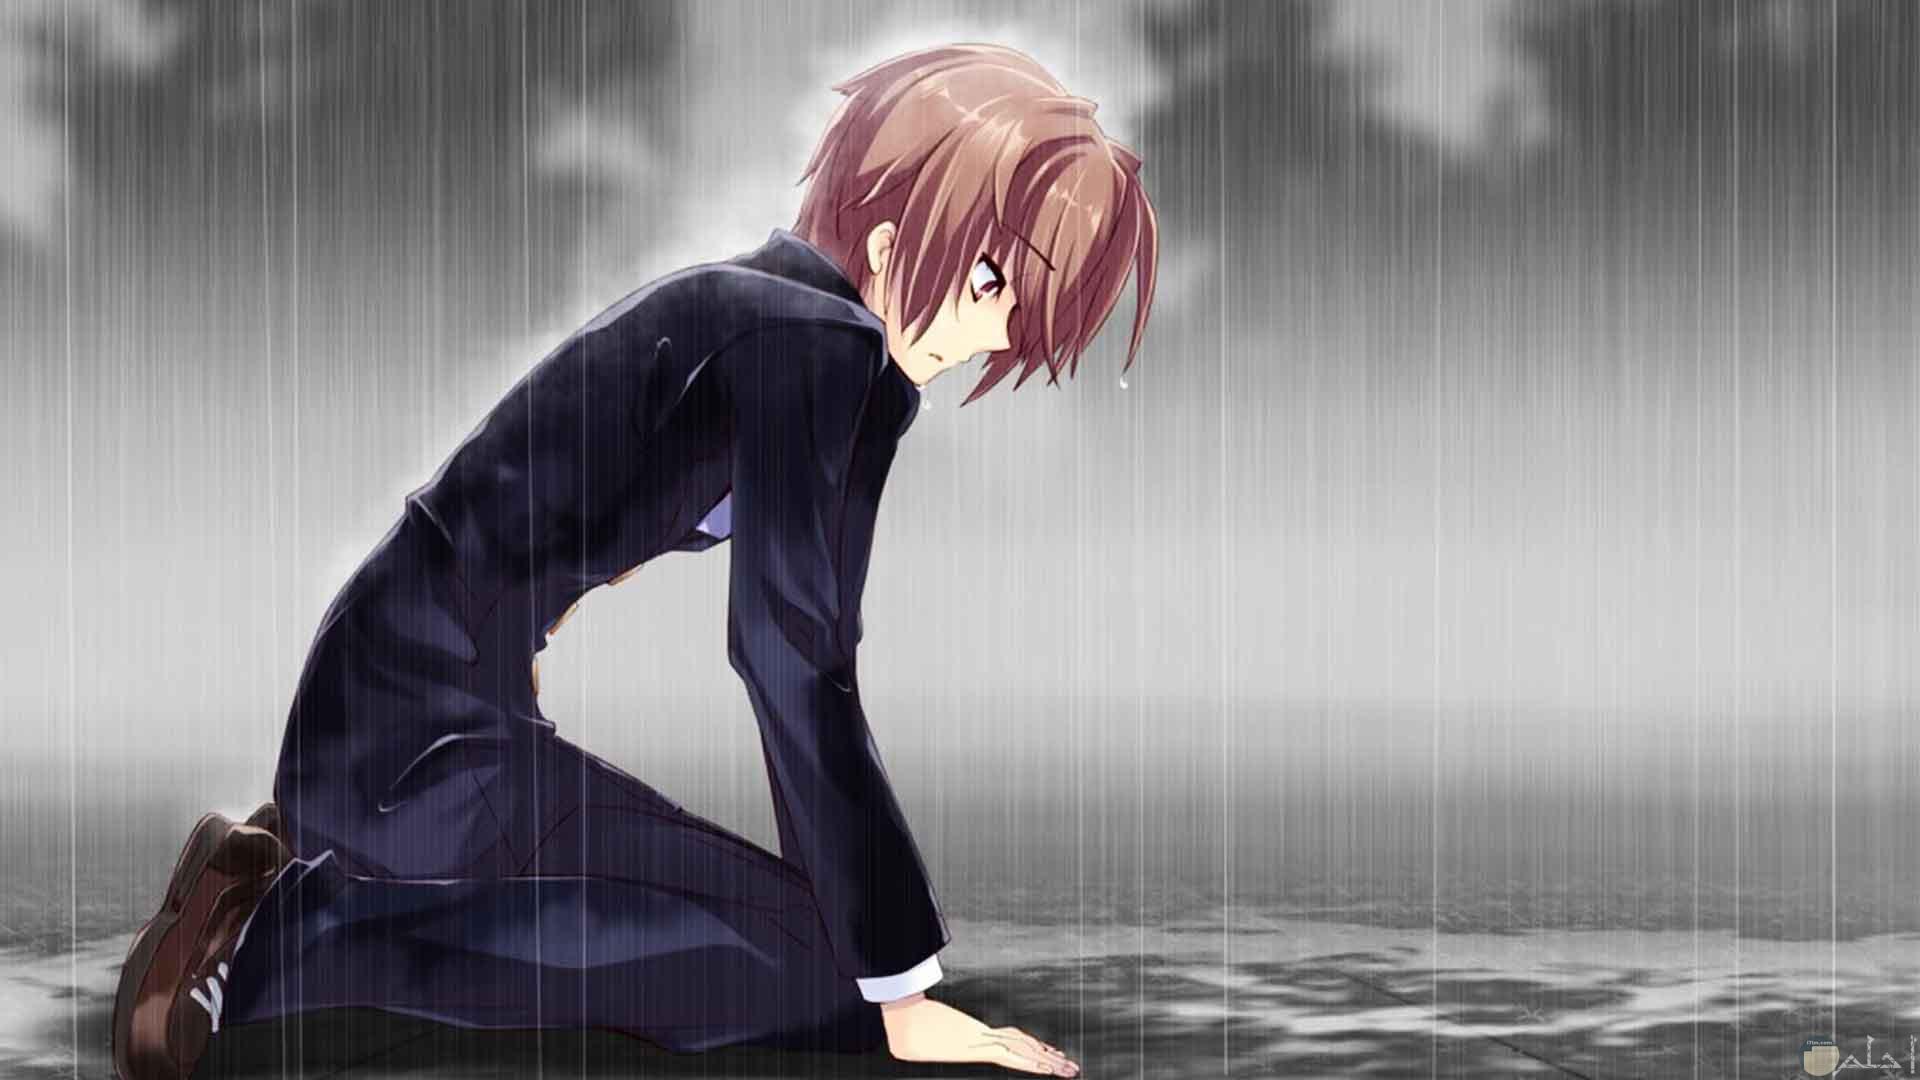 ولد انمي حزين و سط المطر.